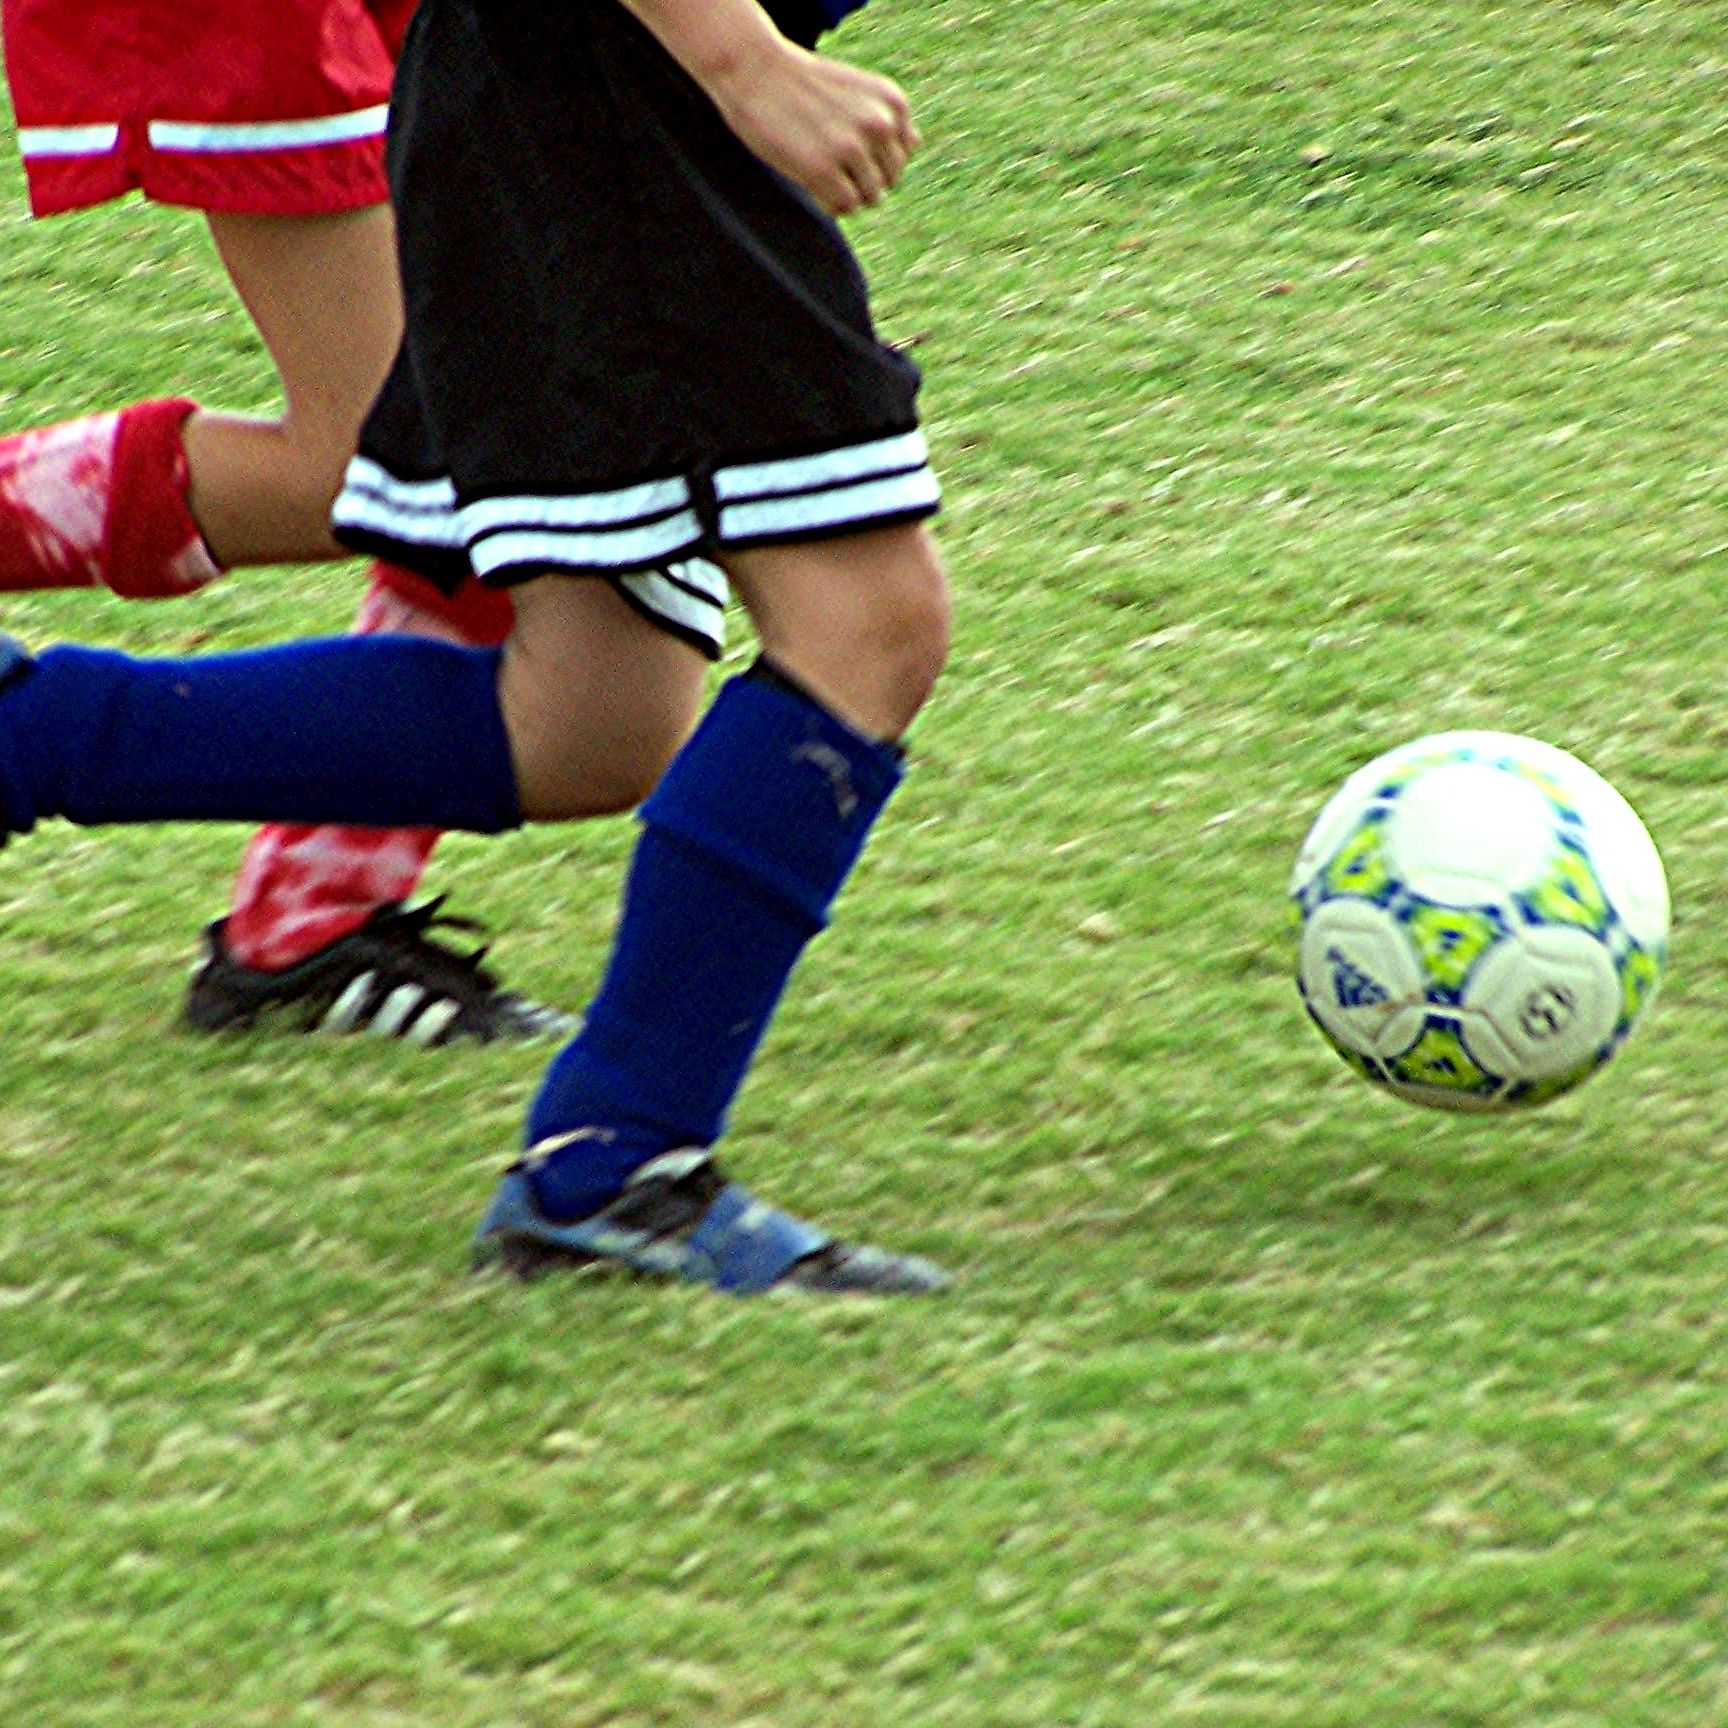 Футболът увеличава нивата на тестостерон при мъжете